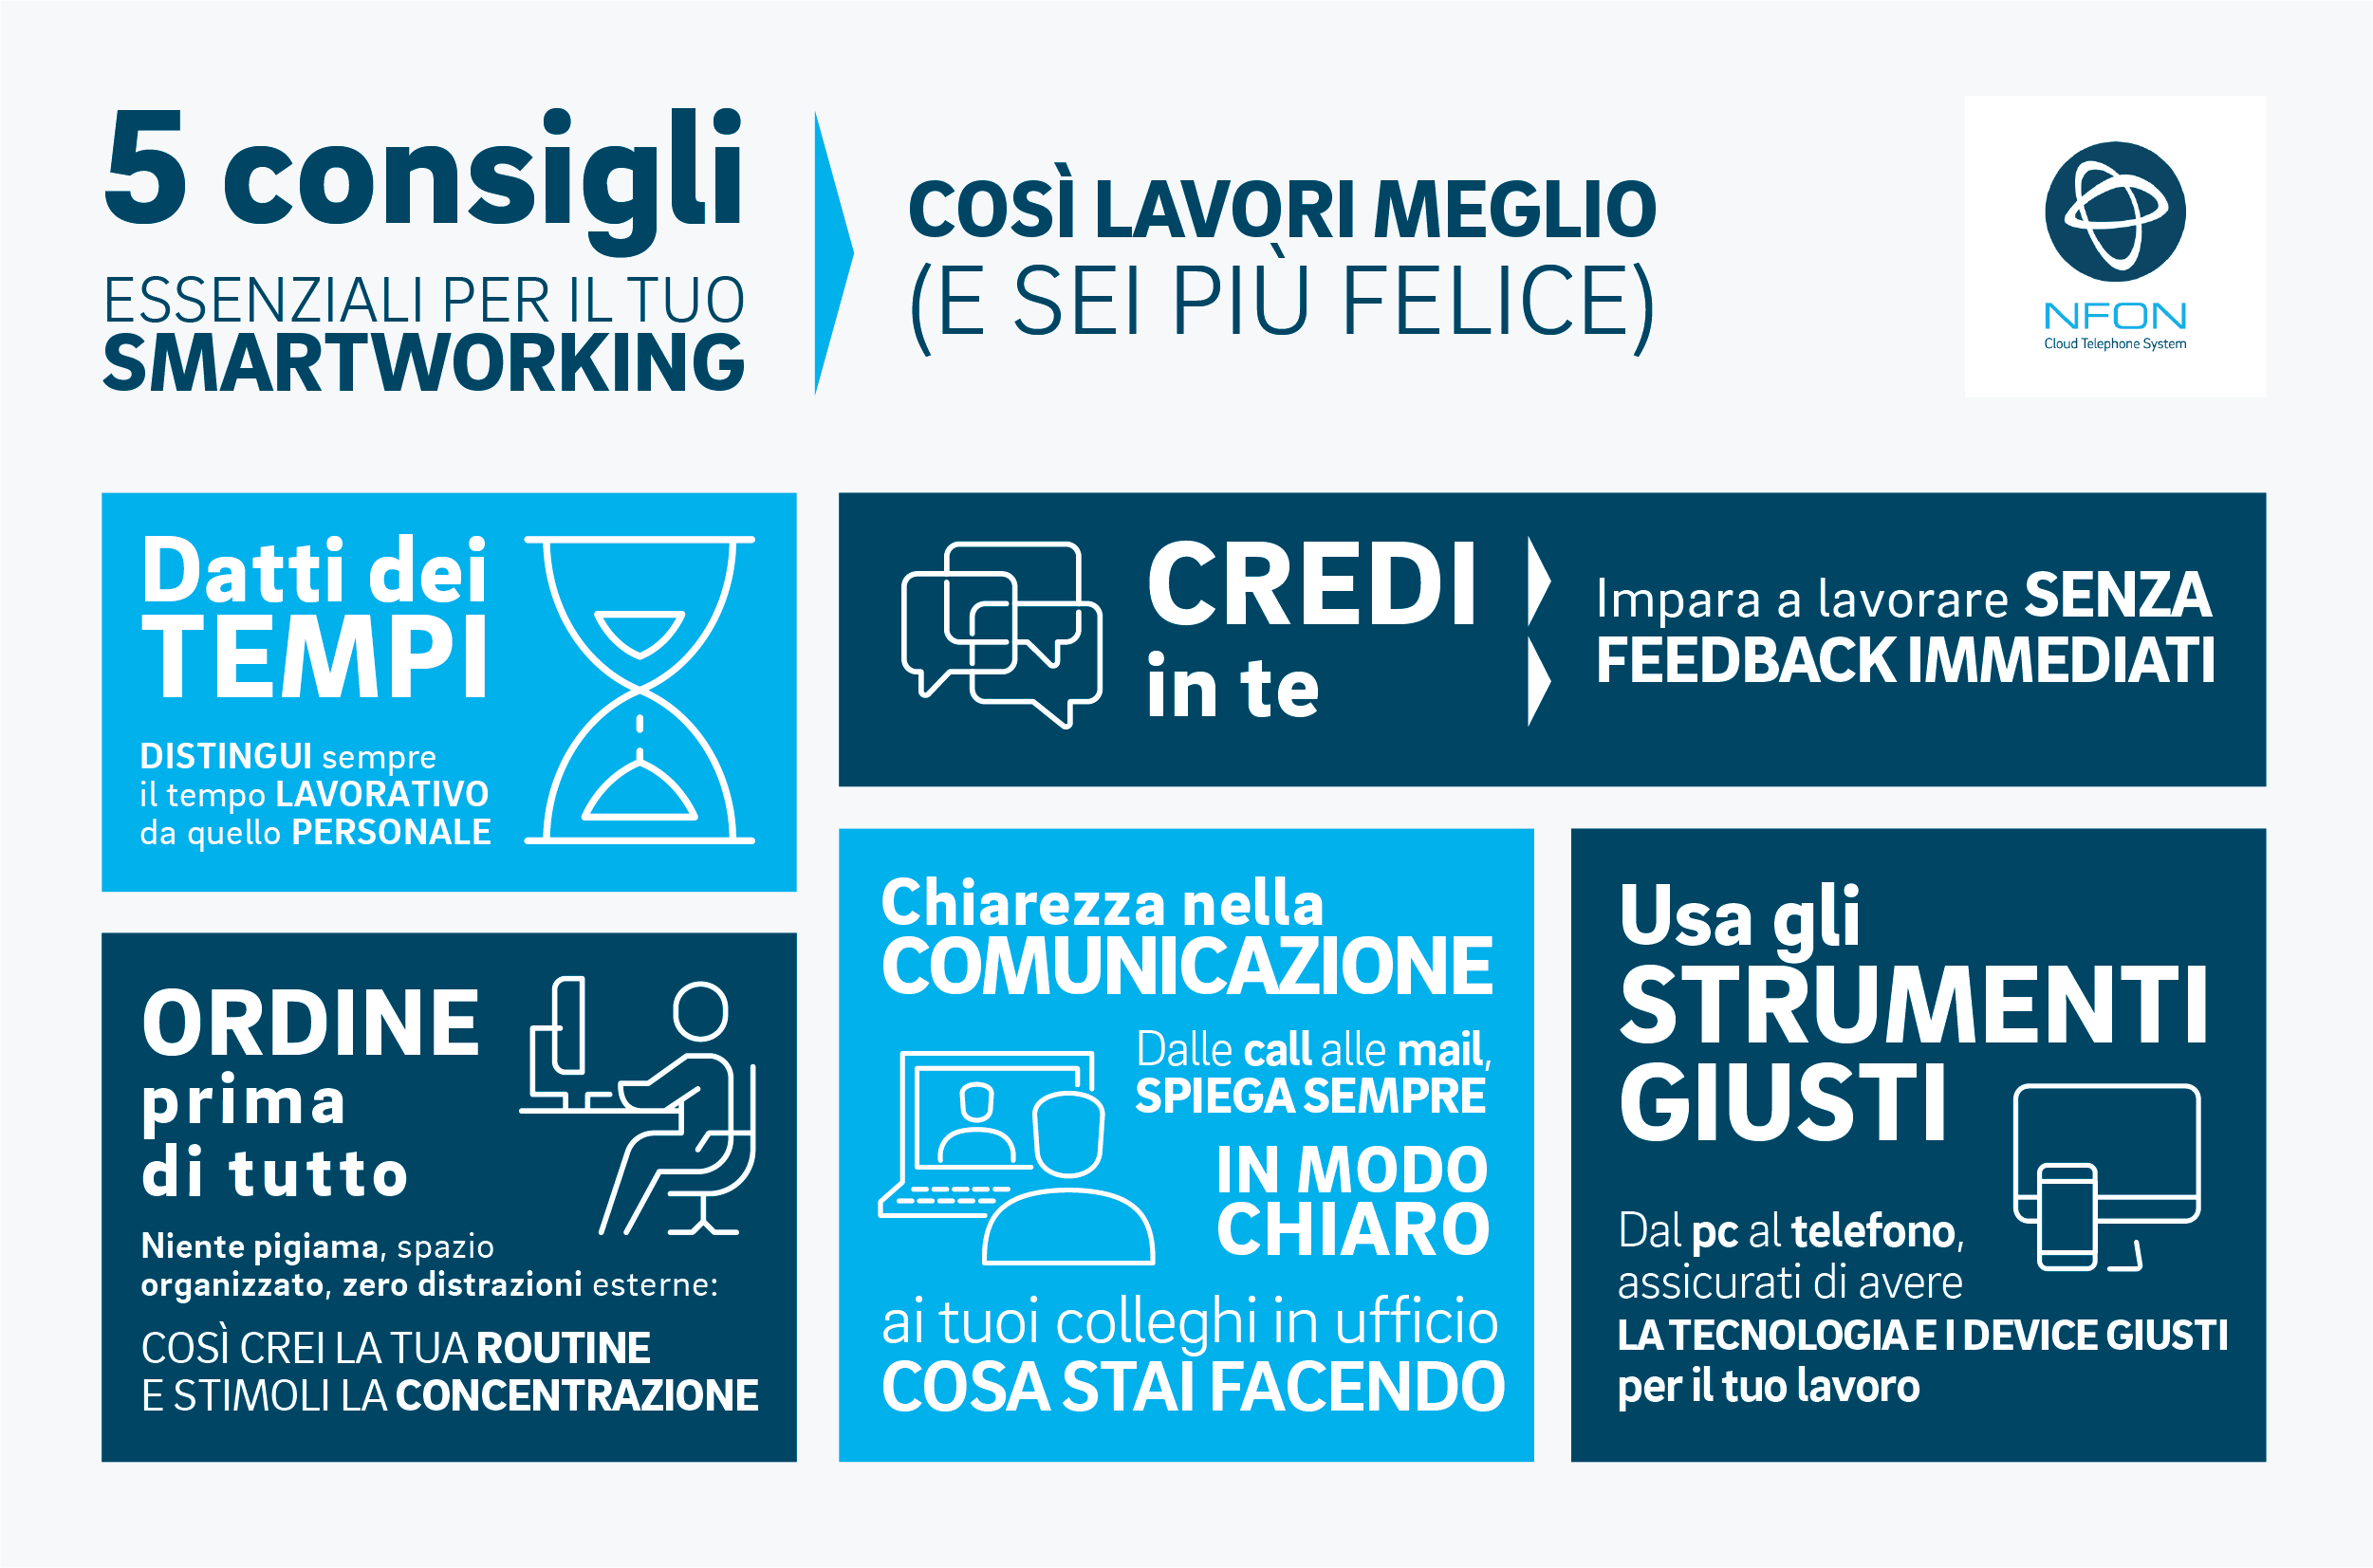 infografica_smartworking migliora la vita